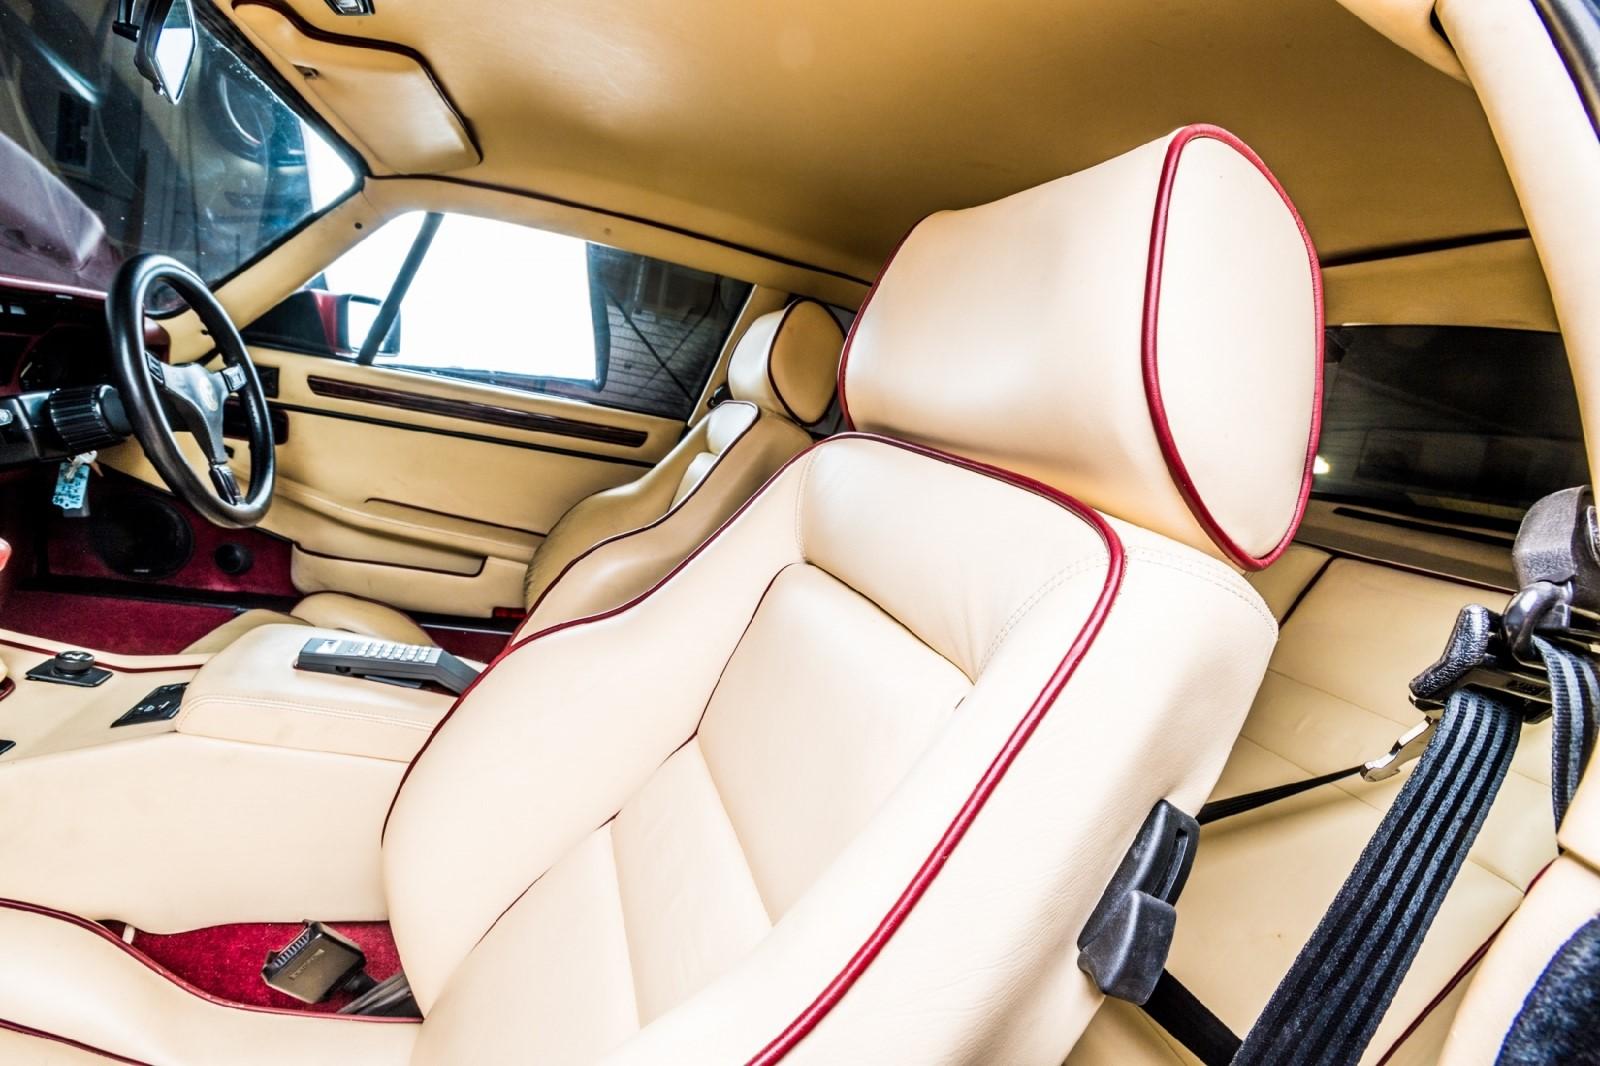 Lister Jaguar XJS 7.0 Le Mans Coupe for sale (11)